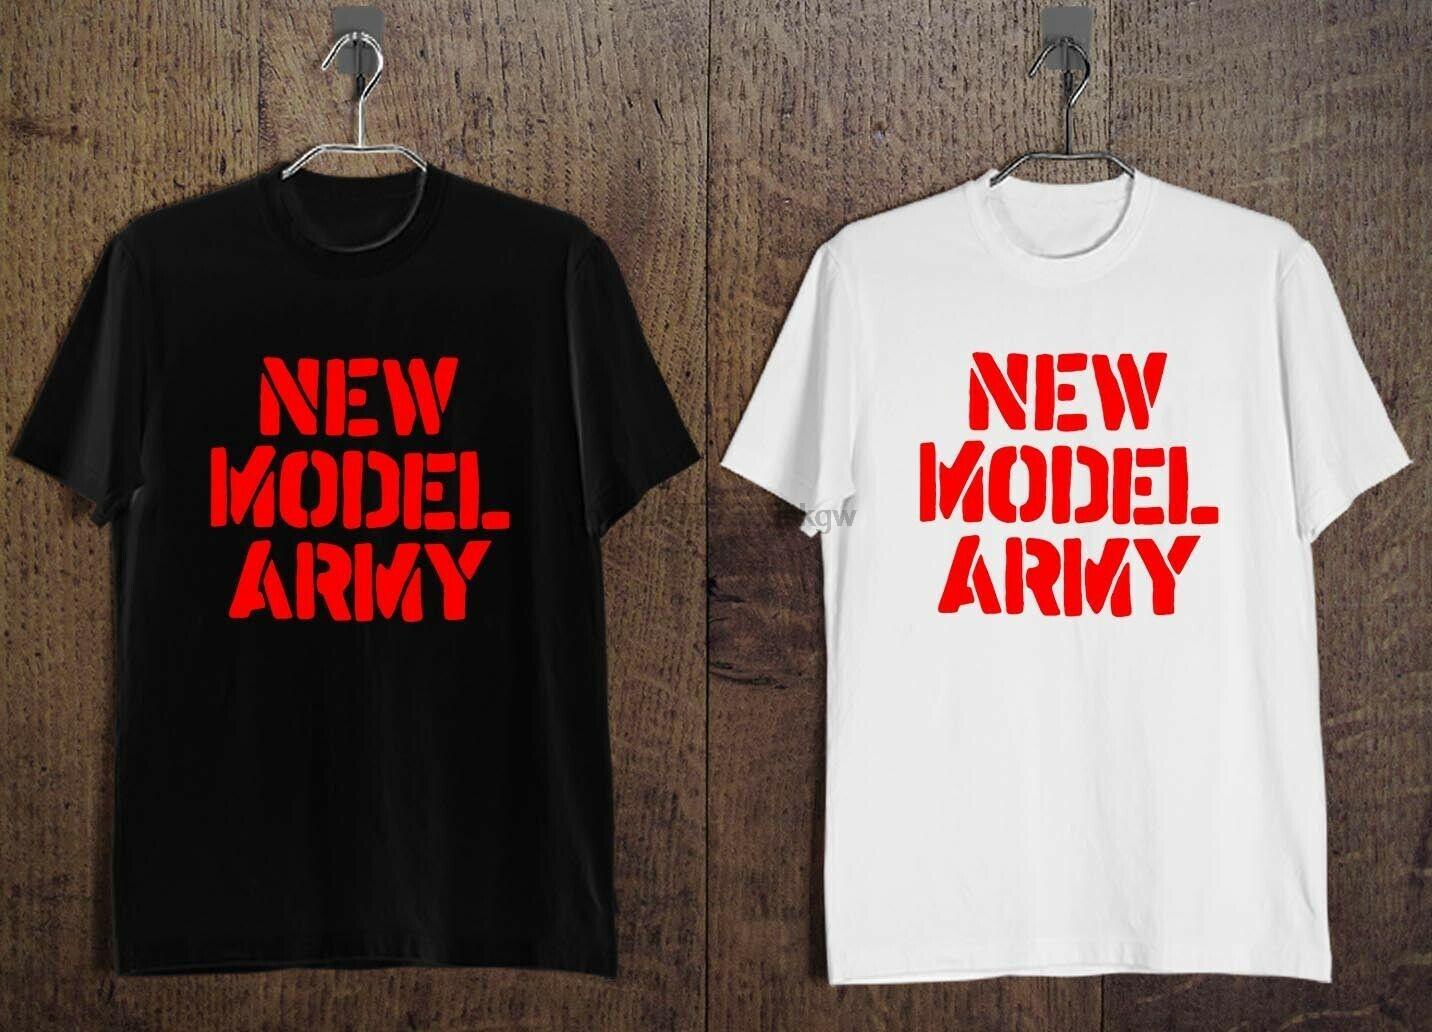 YENİ MODEL ARMY Rock Band Logo Erkek Tişört Siyah ve Beyaz